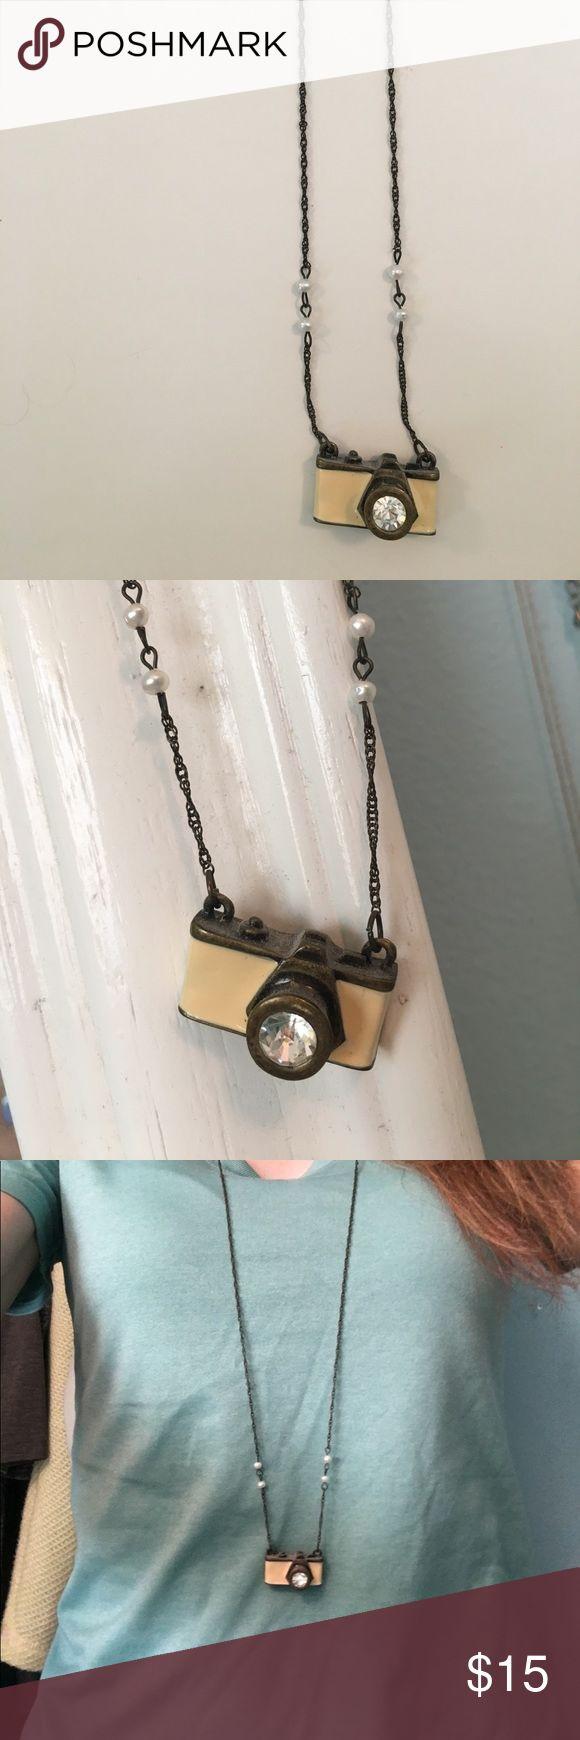 Lauren Conrad Camera Necklace Long camera necklace by Lauren Conrad LC Lauren Conrad Jewelry Necklaces